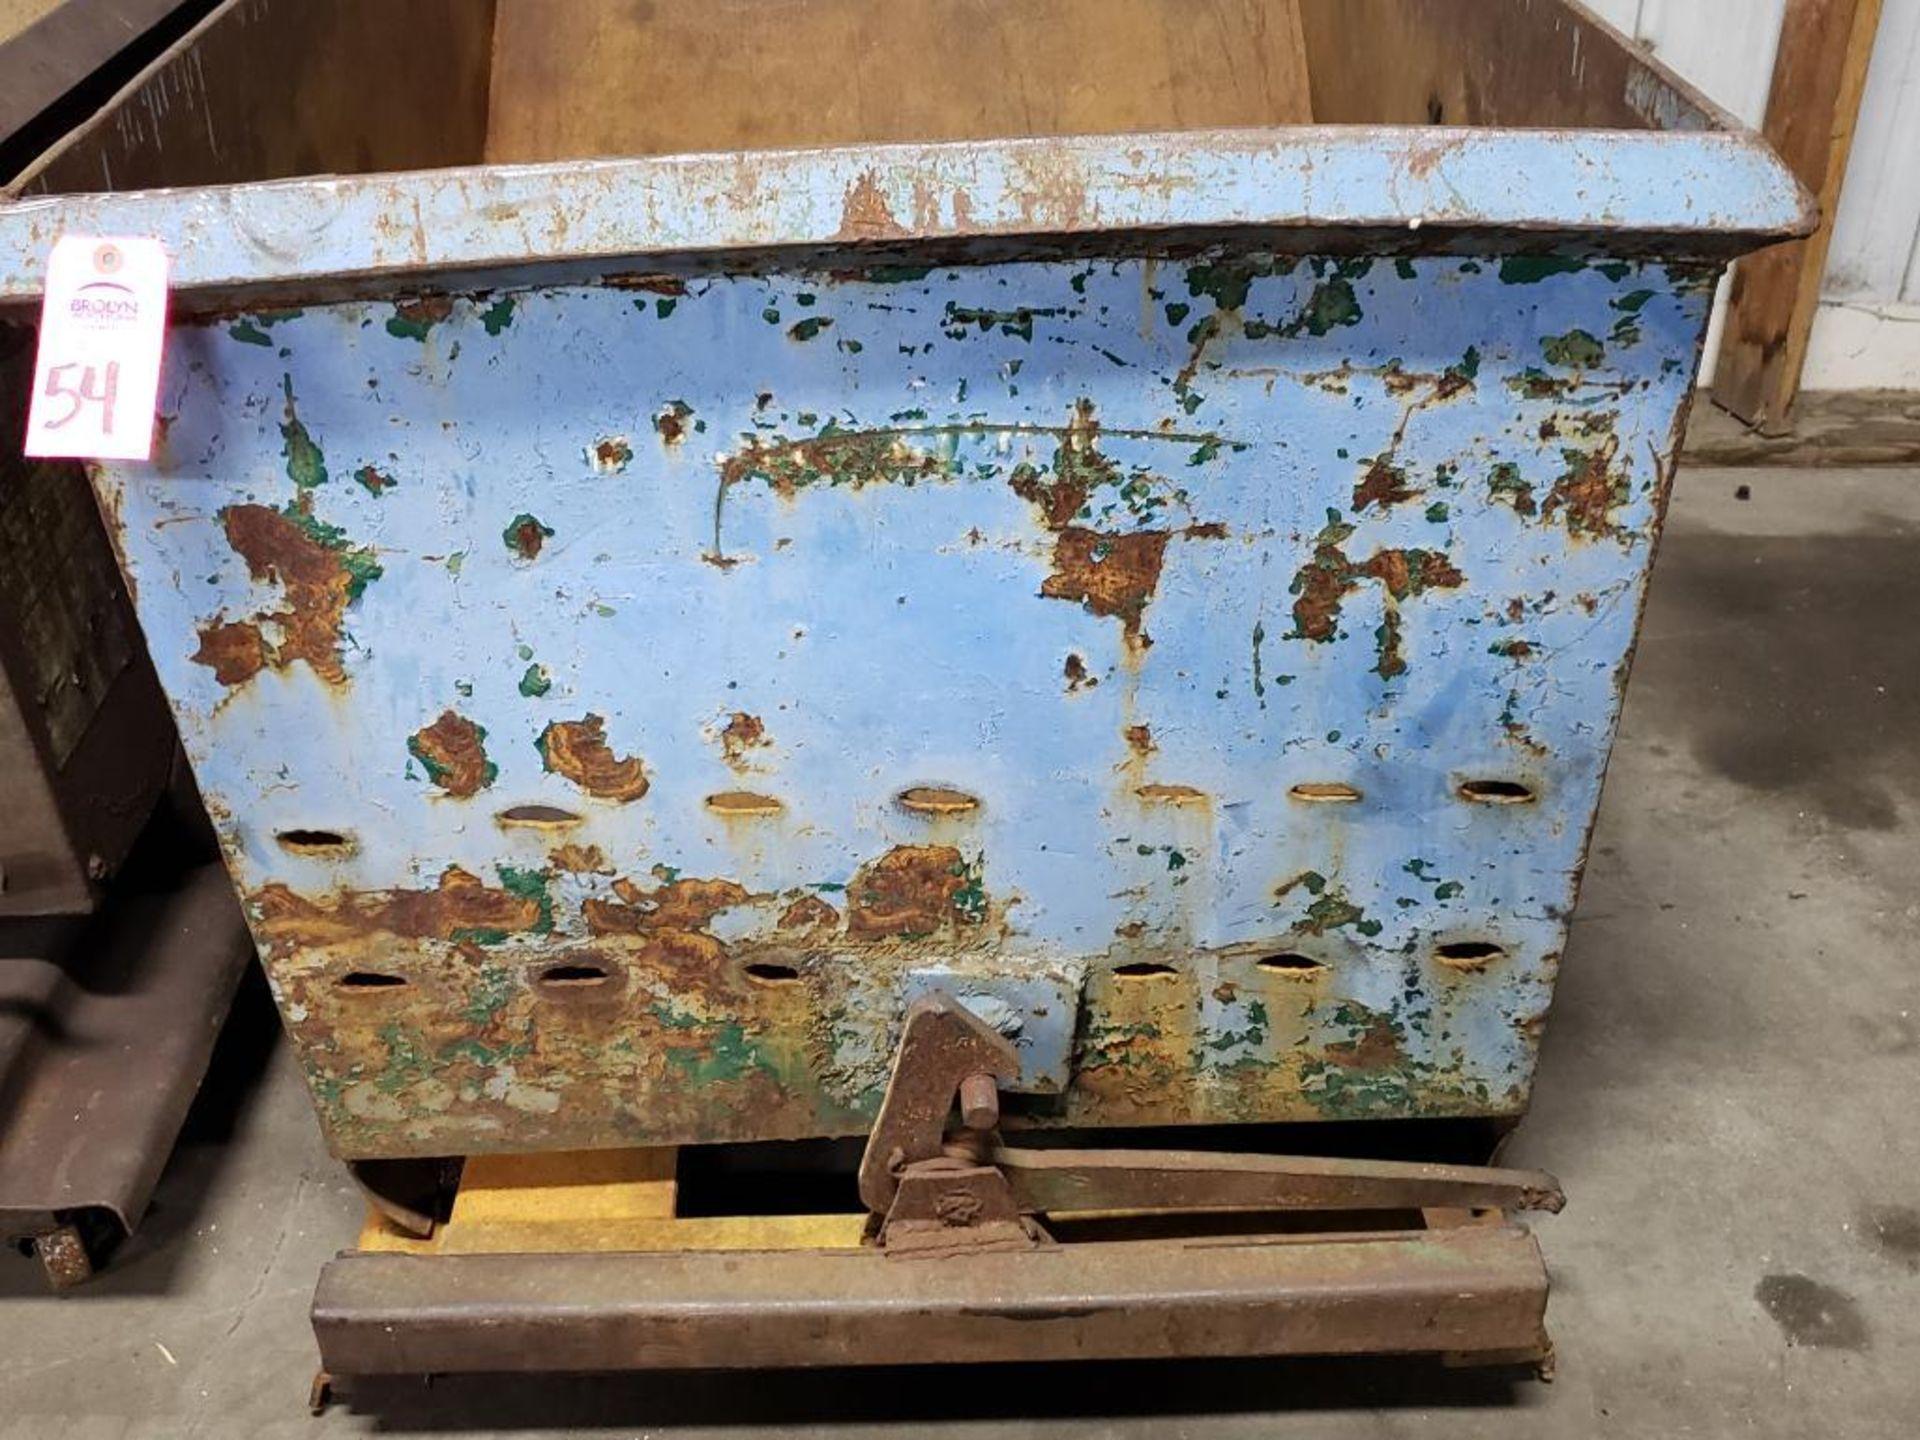 Lot 54 - Self dumping hopper.